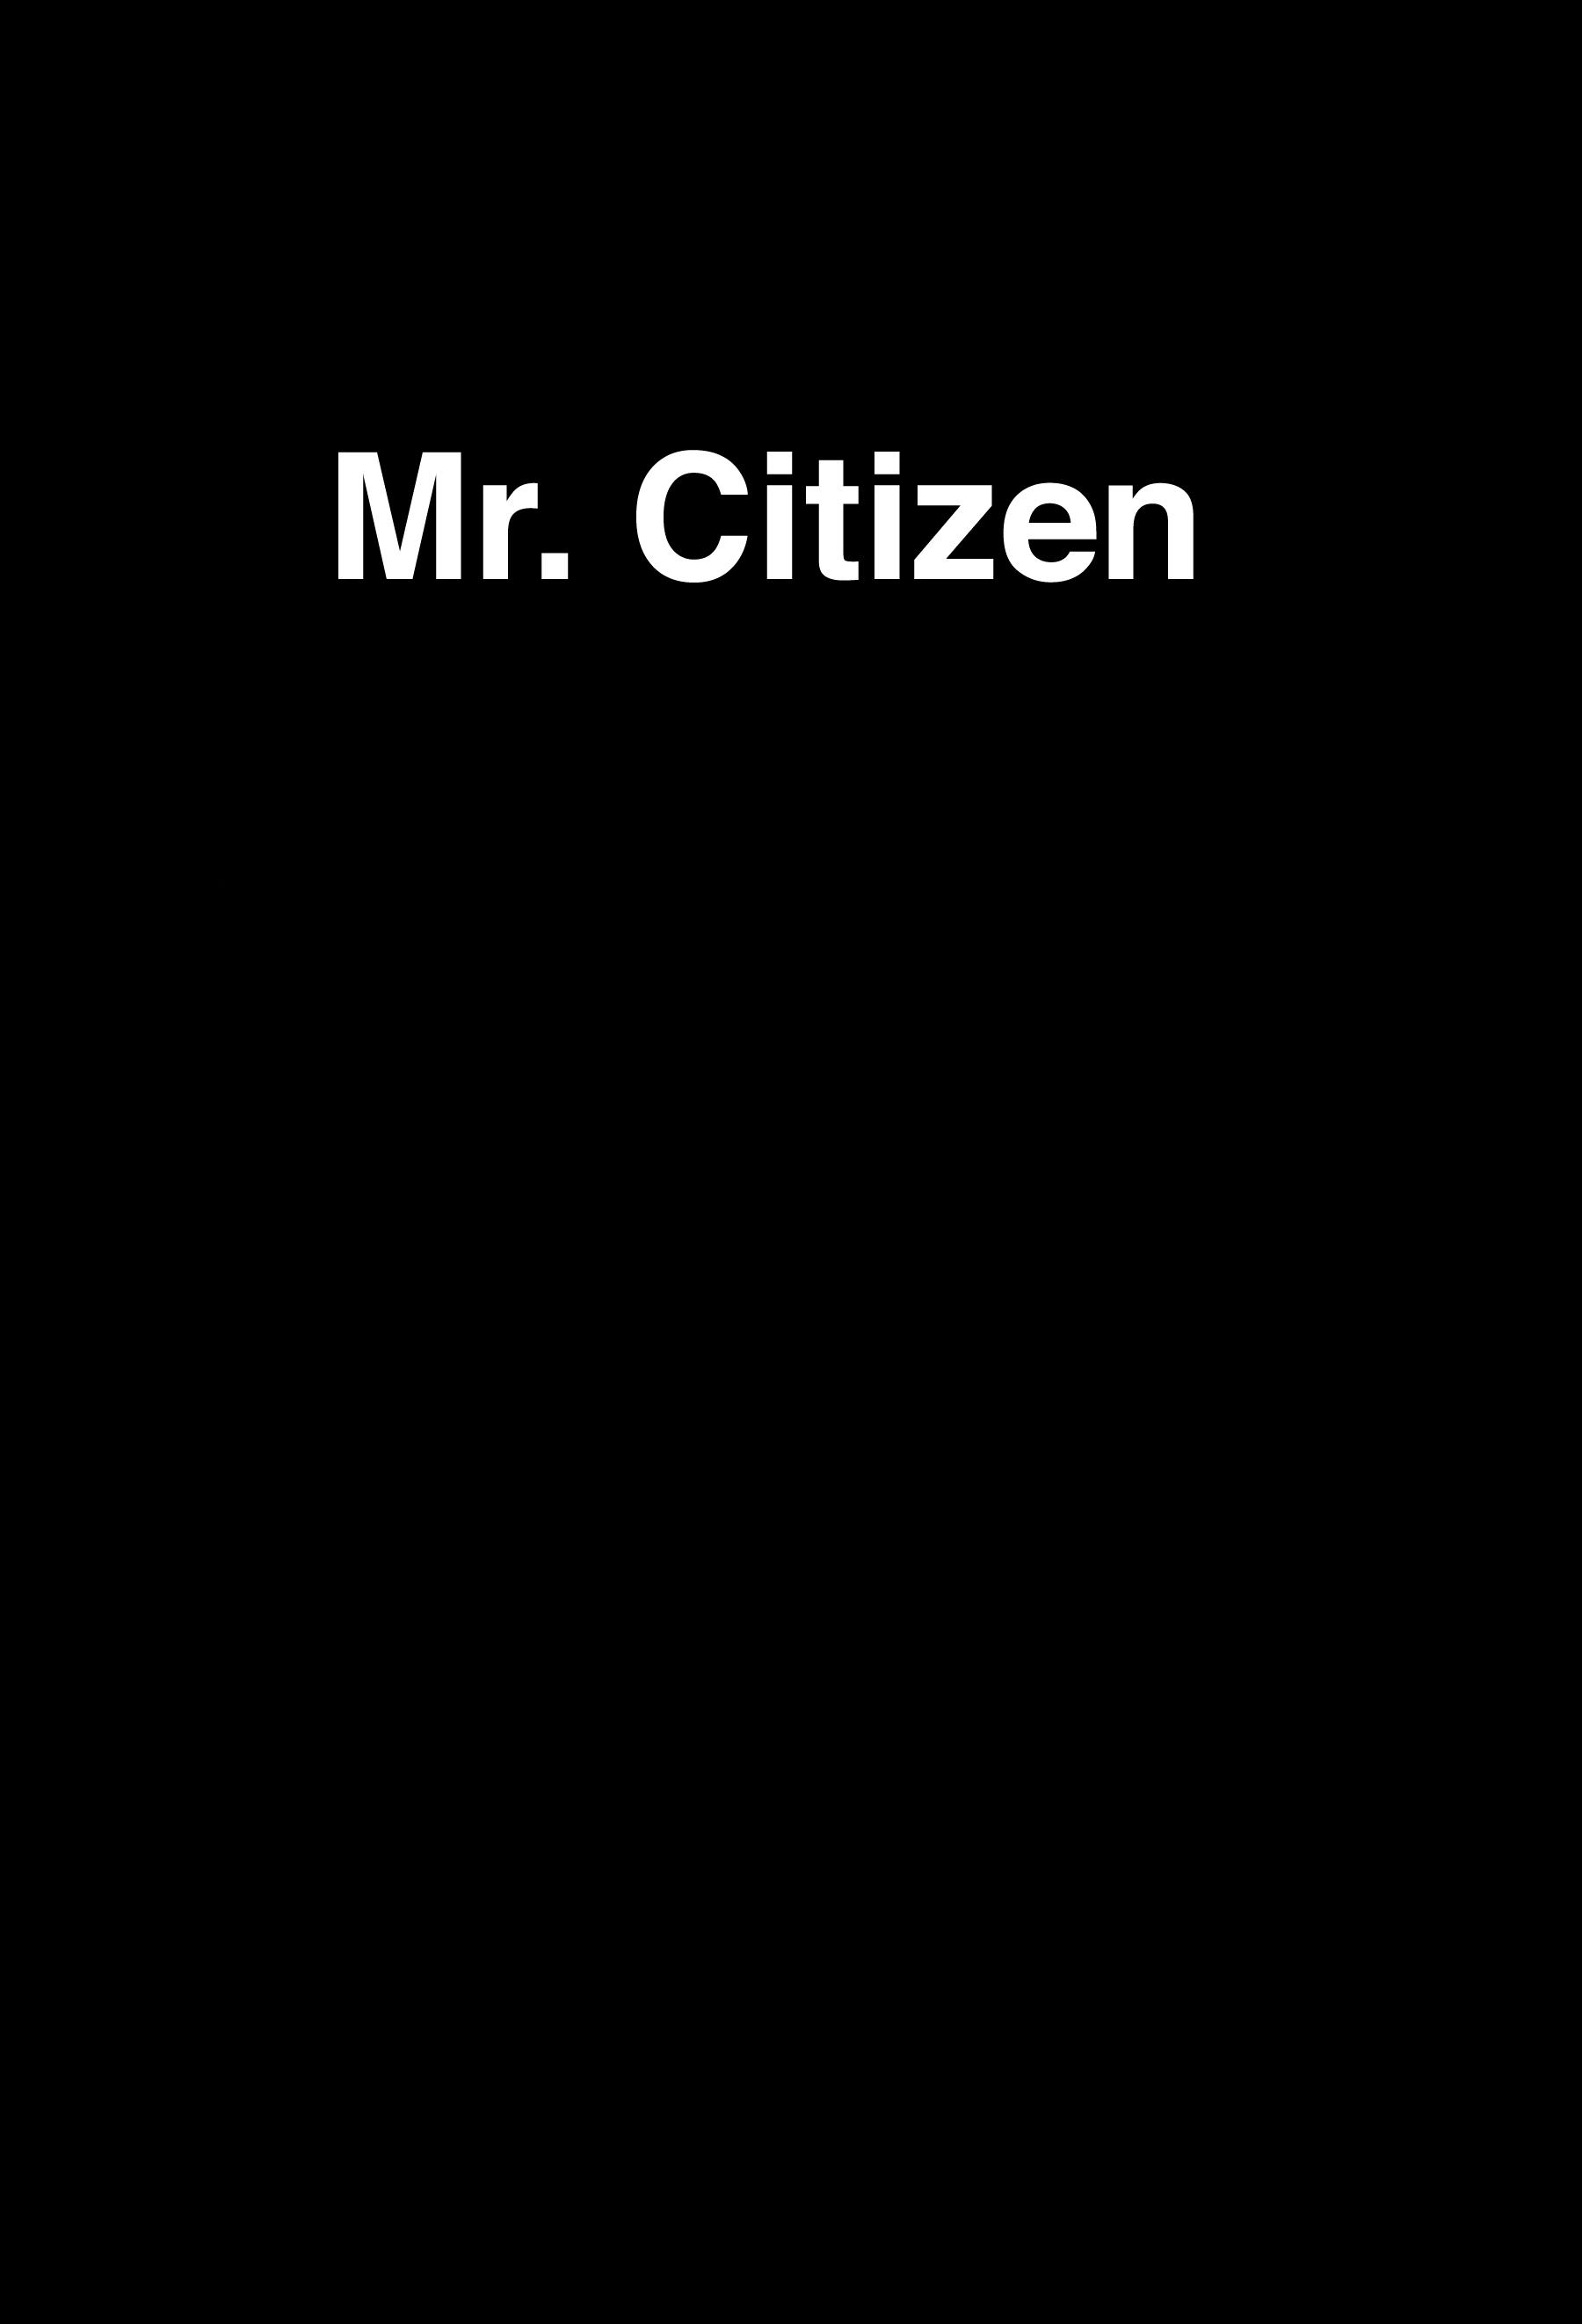 Mr. Citizen (1955)